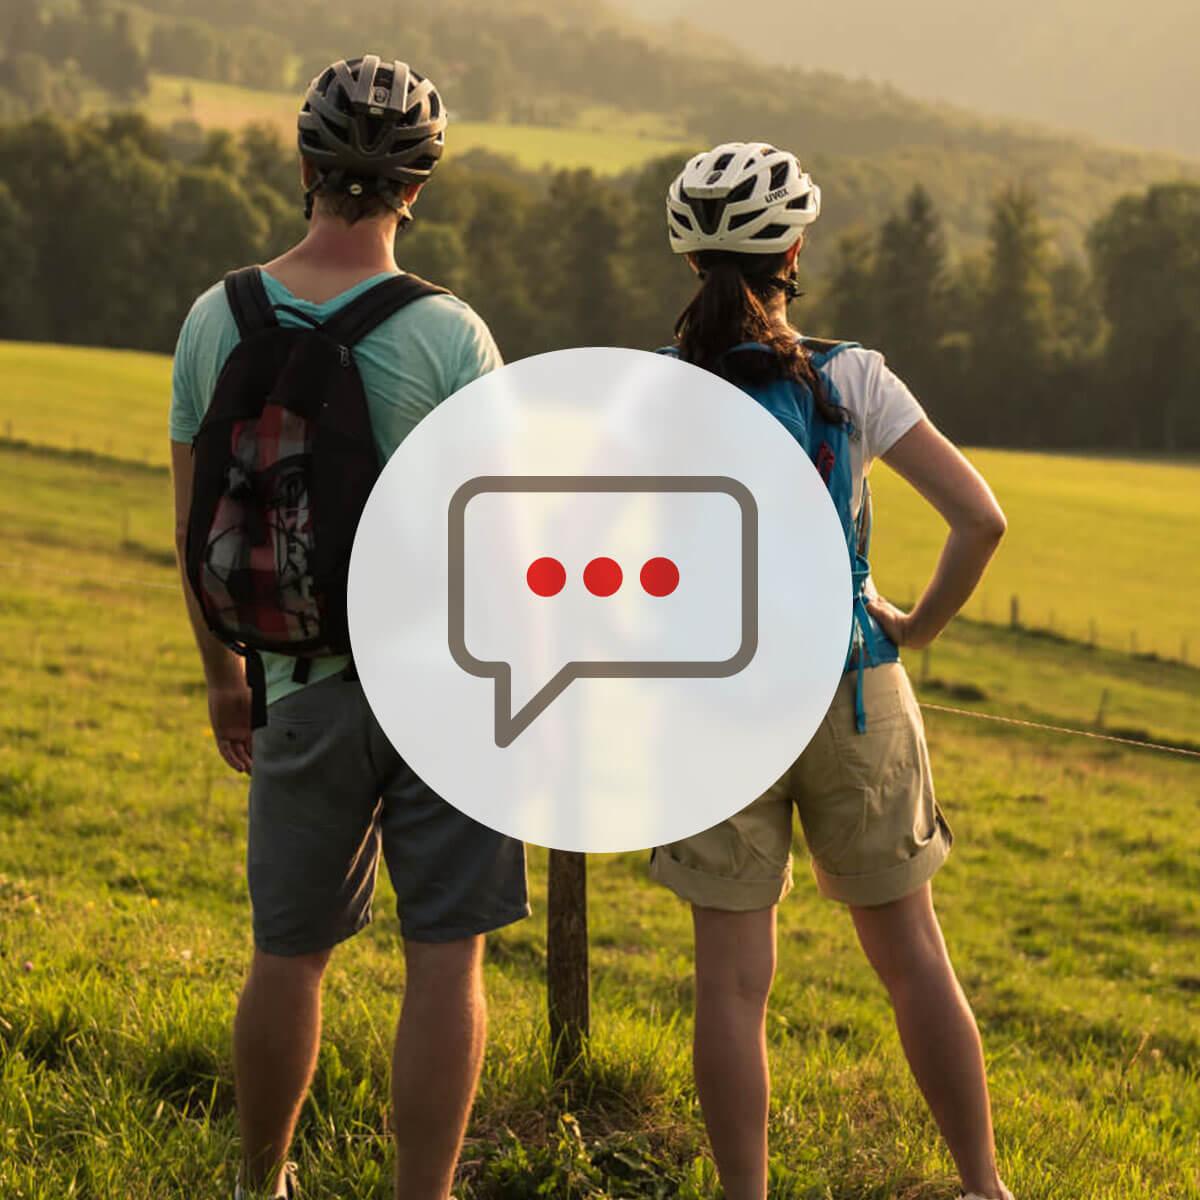 TOUJOURS À L'AISE AVEC VOS CLIENTS? COMMENTAIRES CLIENTS: POUR QUE LE DIALOGUE S'INSTAURE. - Aujourd'hui, les avis des clients influencent énormément nos choix sur internet. L'internaute fera bien plus confiance aux retours d'expérience qu'à un joli texte que vous mettrez sur votre site pour vanter la qualité de votre prestation.Un commentaire positif suite à la visite d'un client est toujours gratifiant, mais que répondre à un commentaire négatif? Faut-il d'ailleurs toujours répondre? Est-ce une tâche supplémentaire à intégrer obligatoirement dans les nombreux impératifs que vous avez déjà?E-COACH JURA vous accompagne pour que la e-relation client ne soit pas un dialogue de sourds.